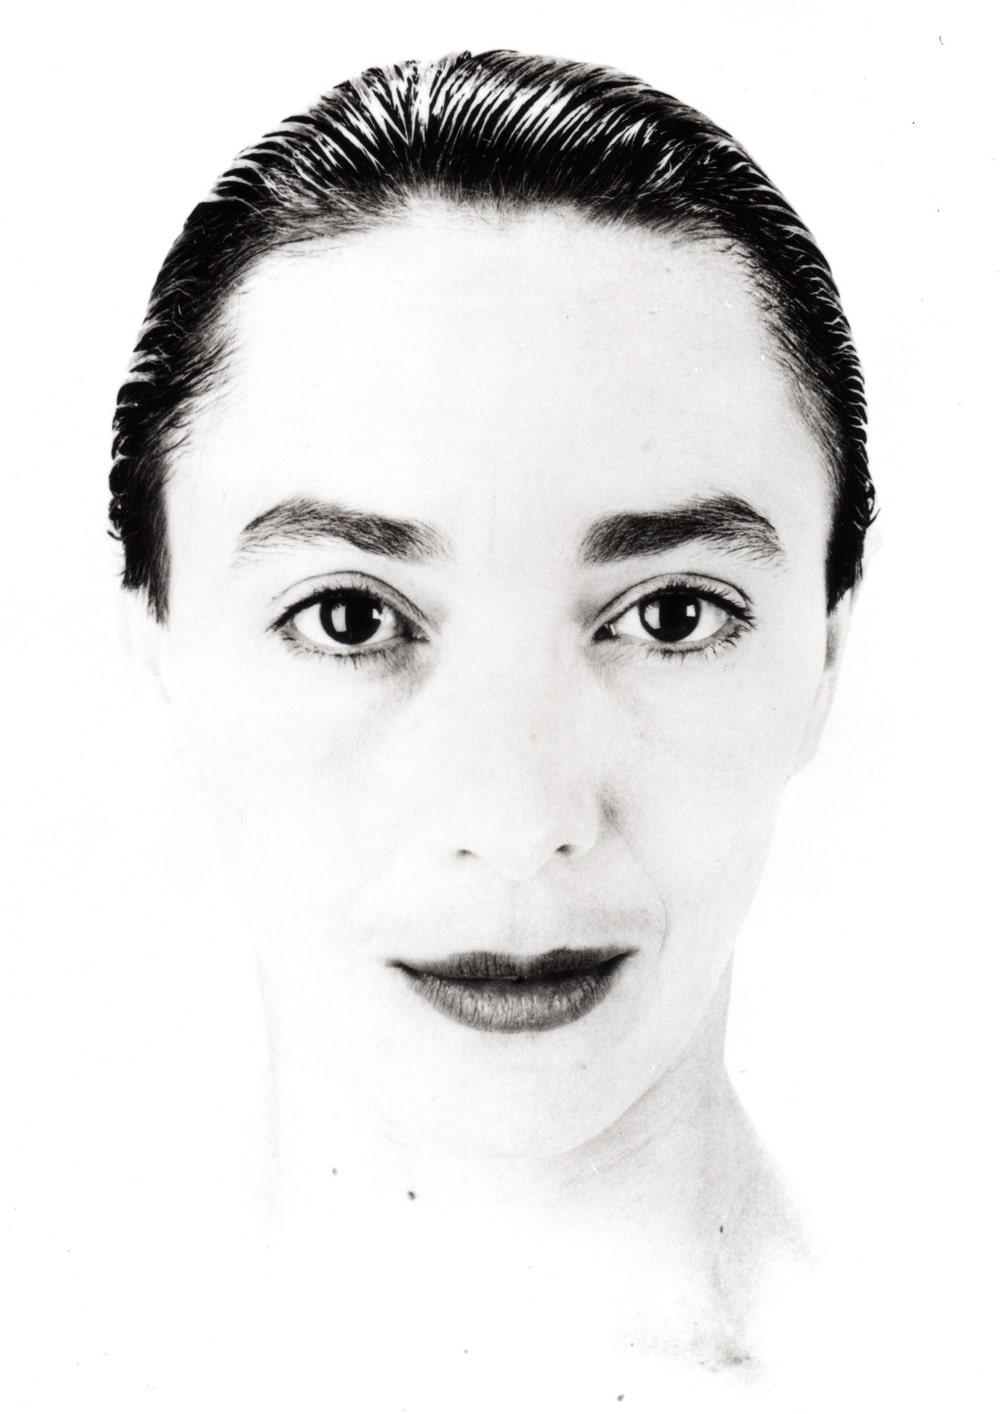 fotografia czarno biała: twarz kobiety na wprost w dużym zbliżeniu